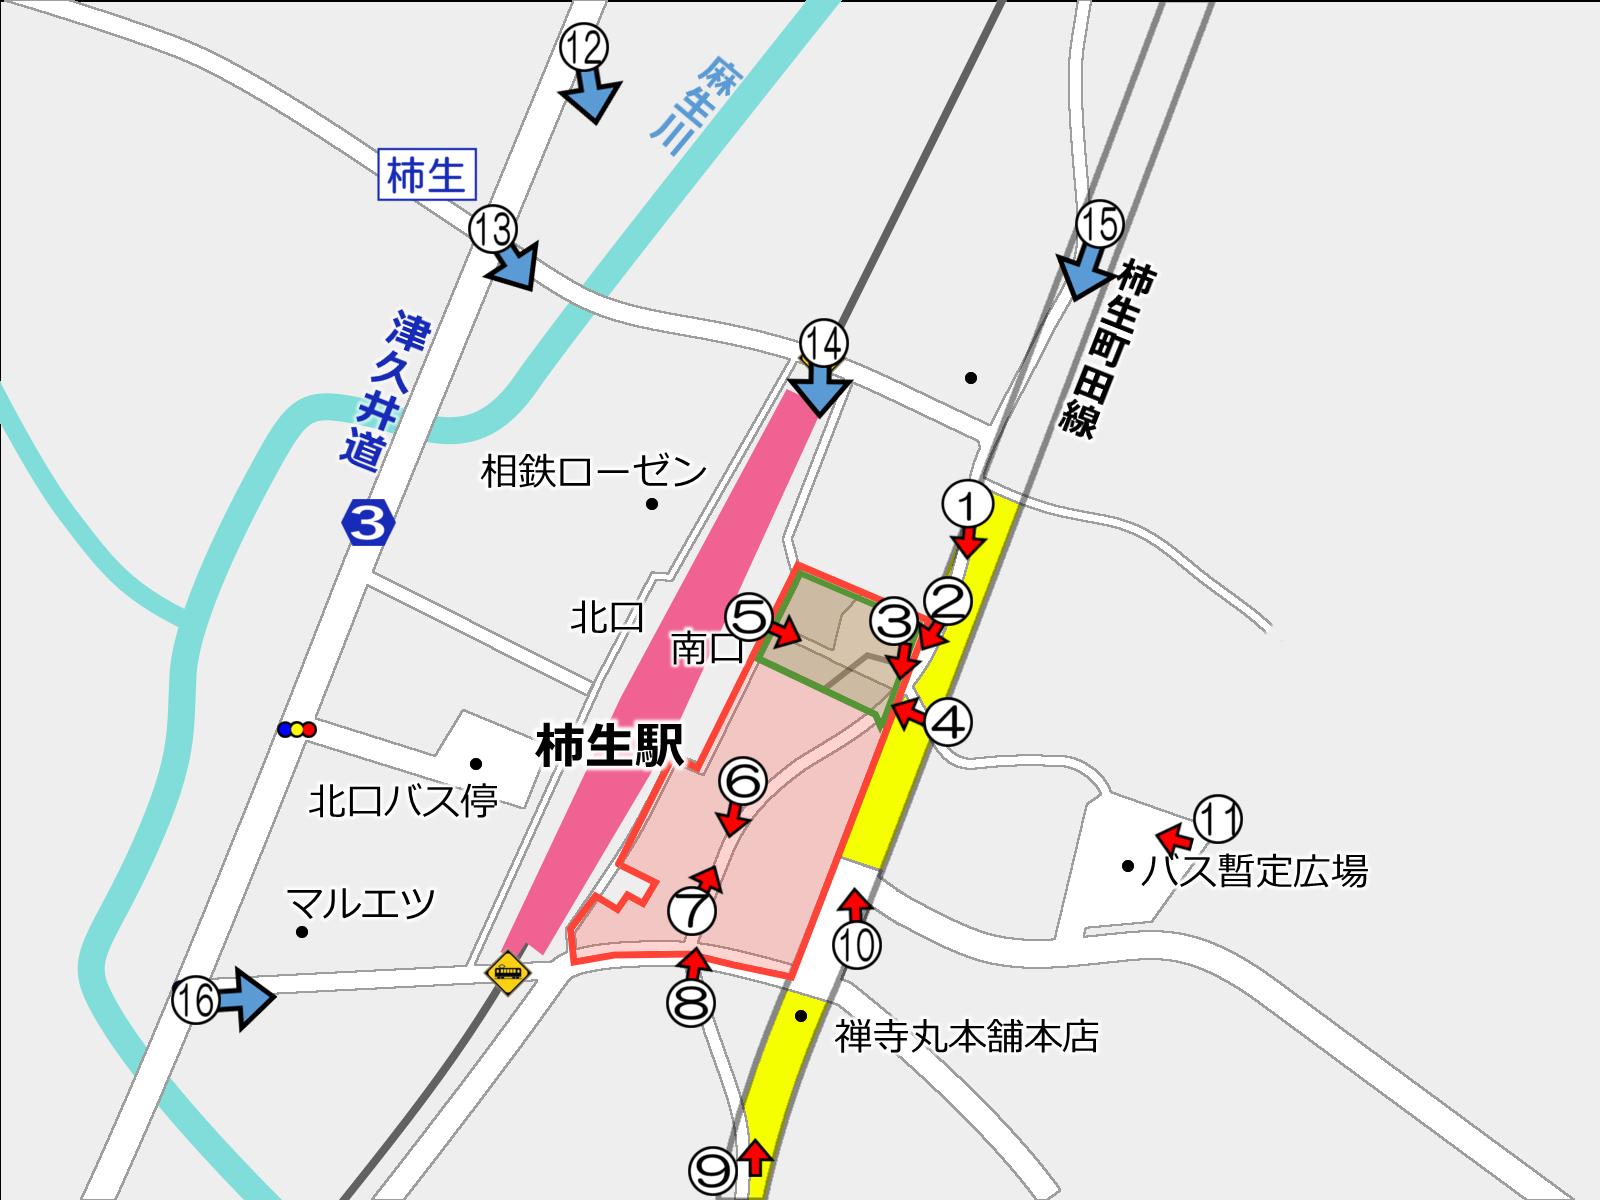 柿生駅南口再開発が始動 駅前に30階建て高層ビル建設へ 着手前の状況_a0332275_02340218.png